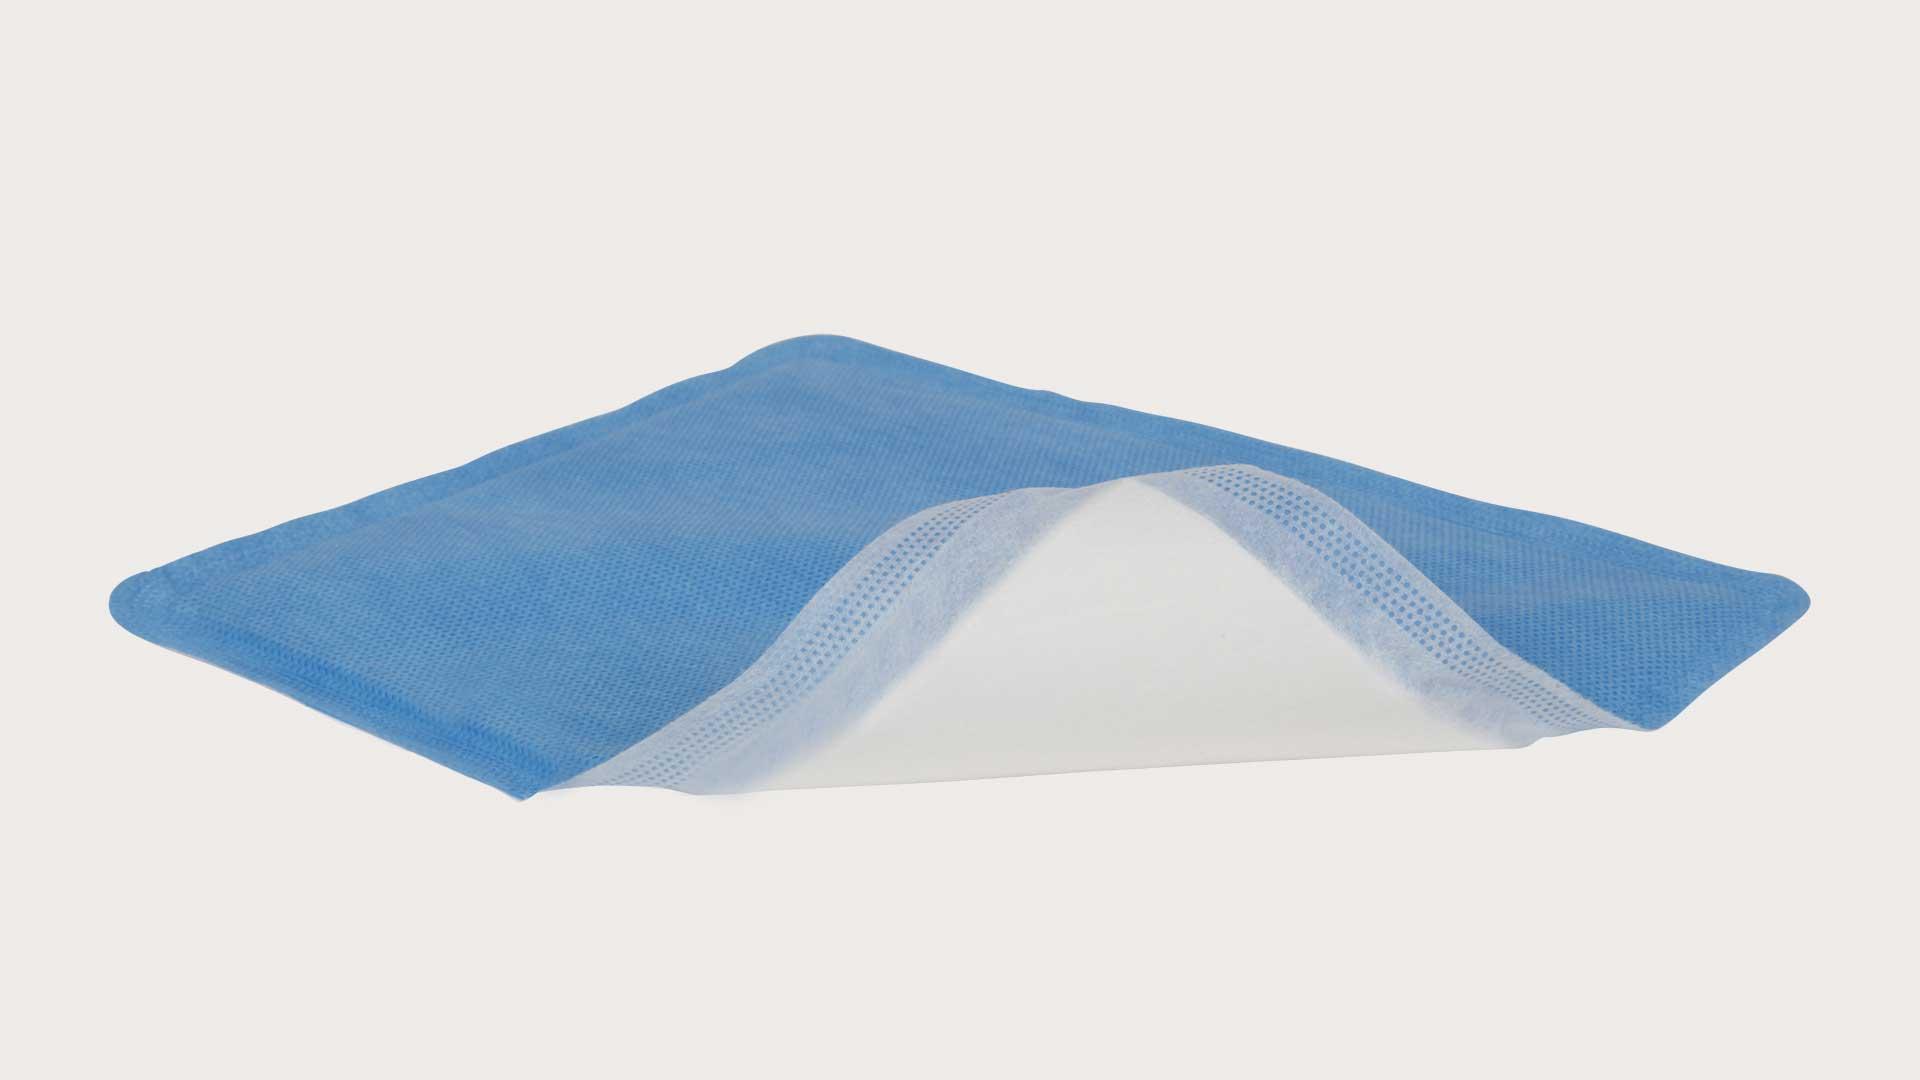 Mextra Superabsorbent image